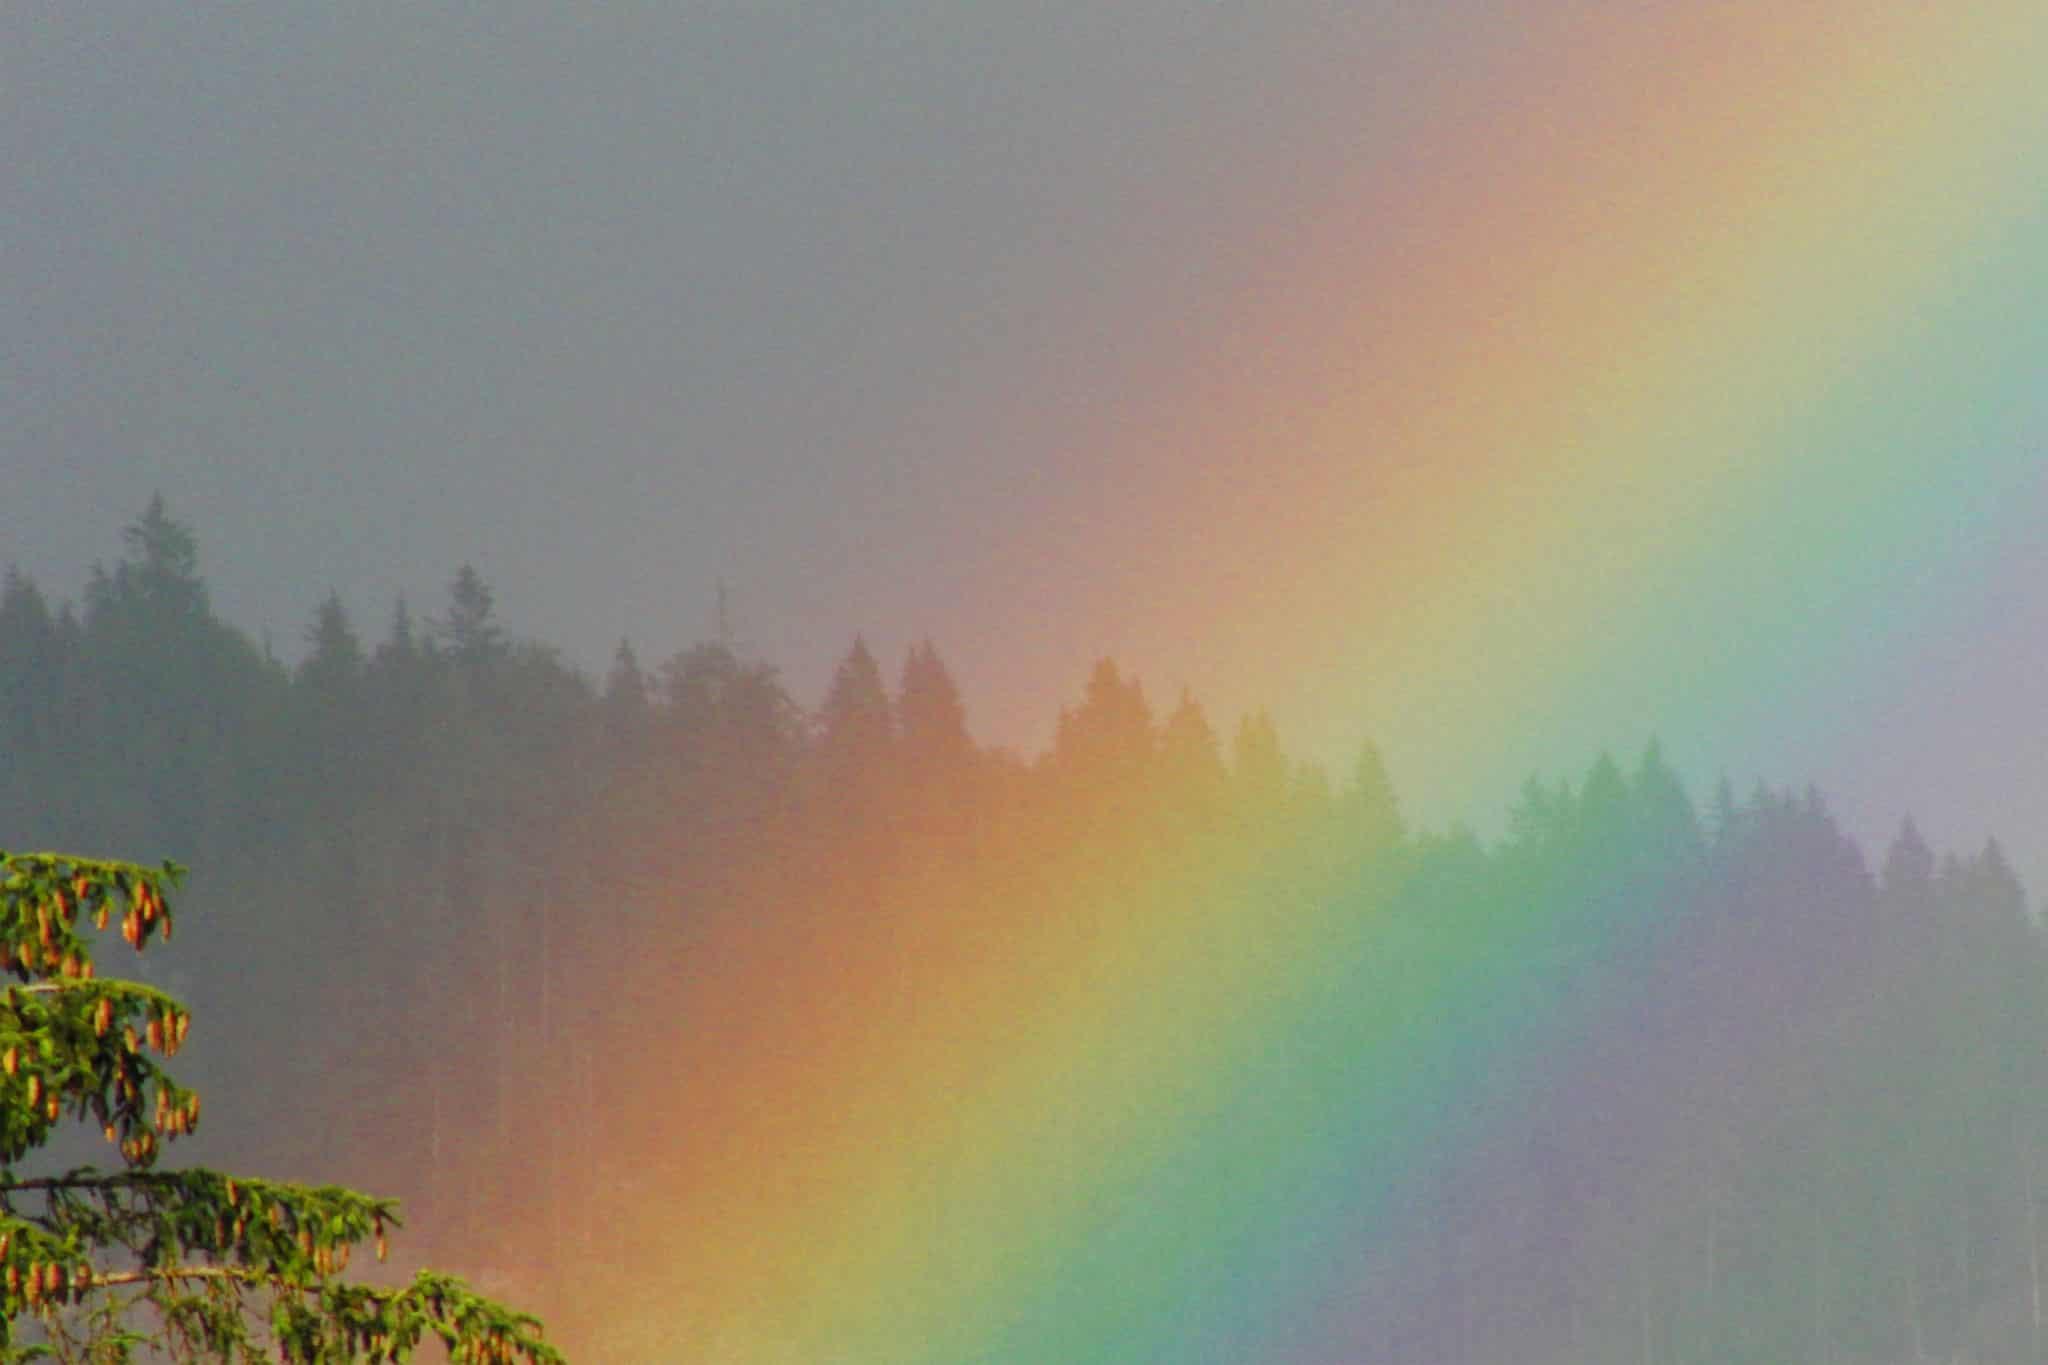 Regenbogen ganz nah - Sonnenalm Bad Mitterndorf